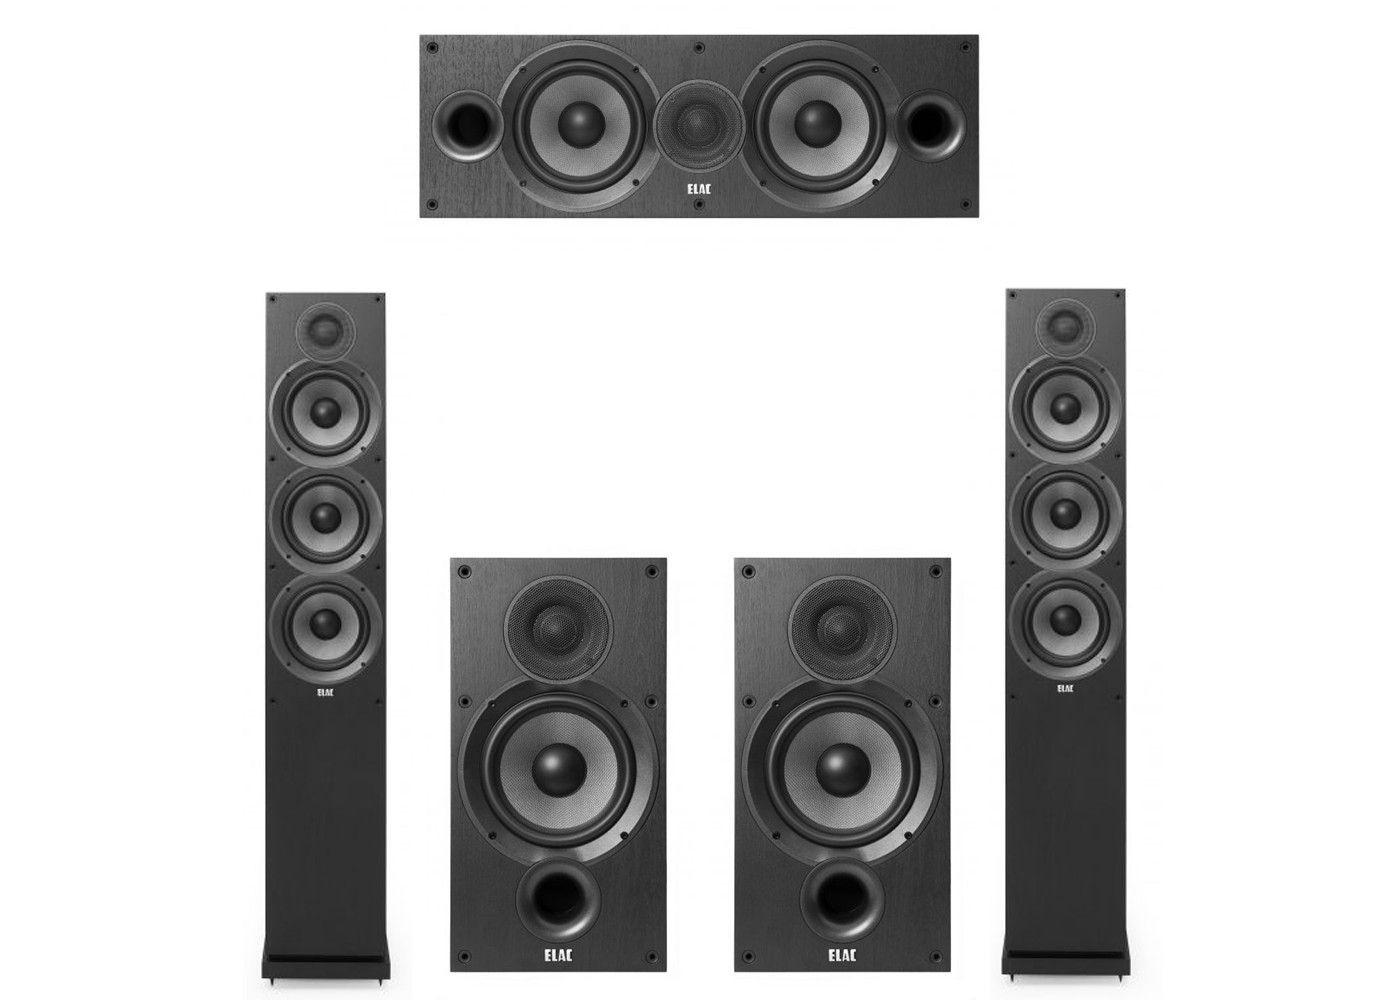 Elac 50 System With 2 F62 Floorstanding Speakers 1 C62 Center Speaker B62 Bookshelf